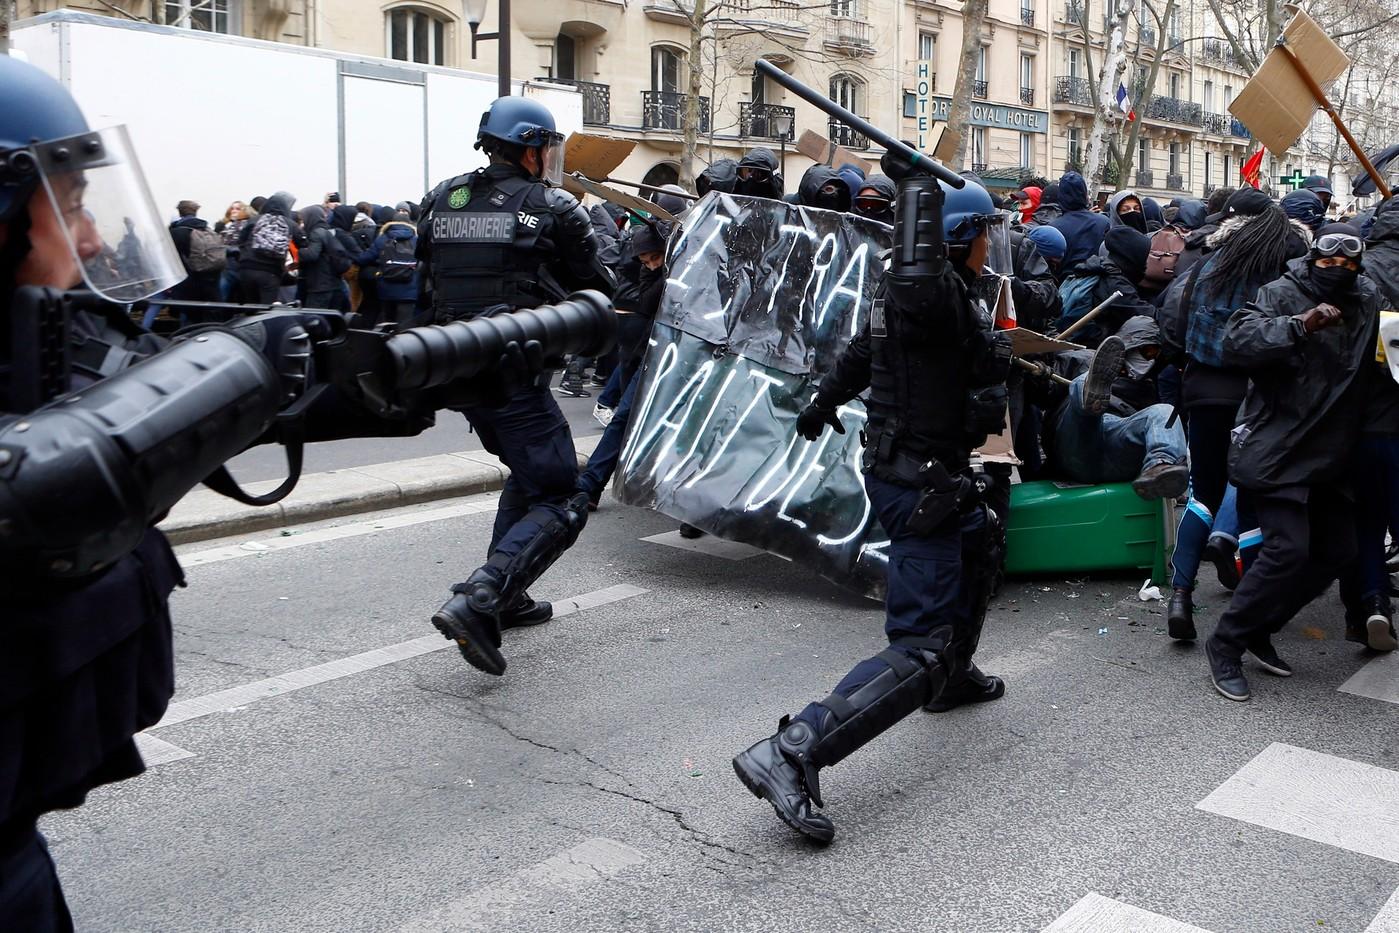 Pour vaincre le gouvernement: rompre le «dialogue social», s'organiser pour se défendre et imposer la grève générale !